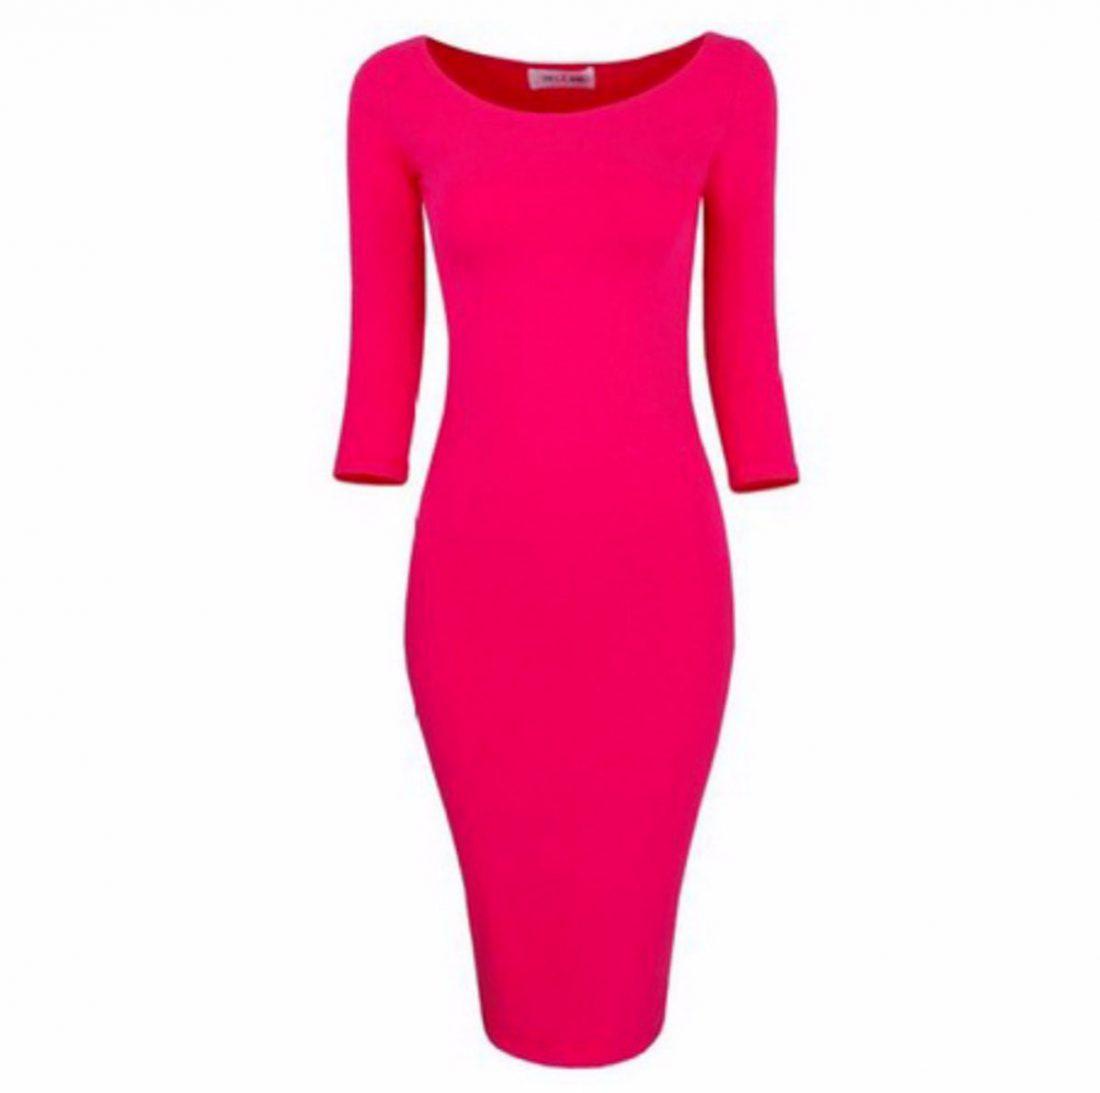 M0172 pink1 Midi Medium Dresses maureens.com boutique